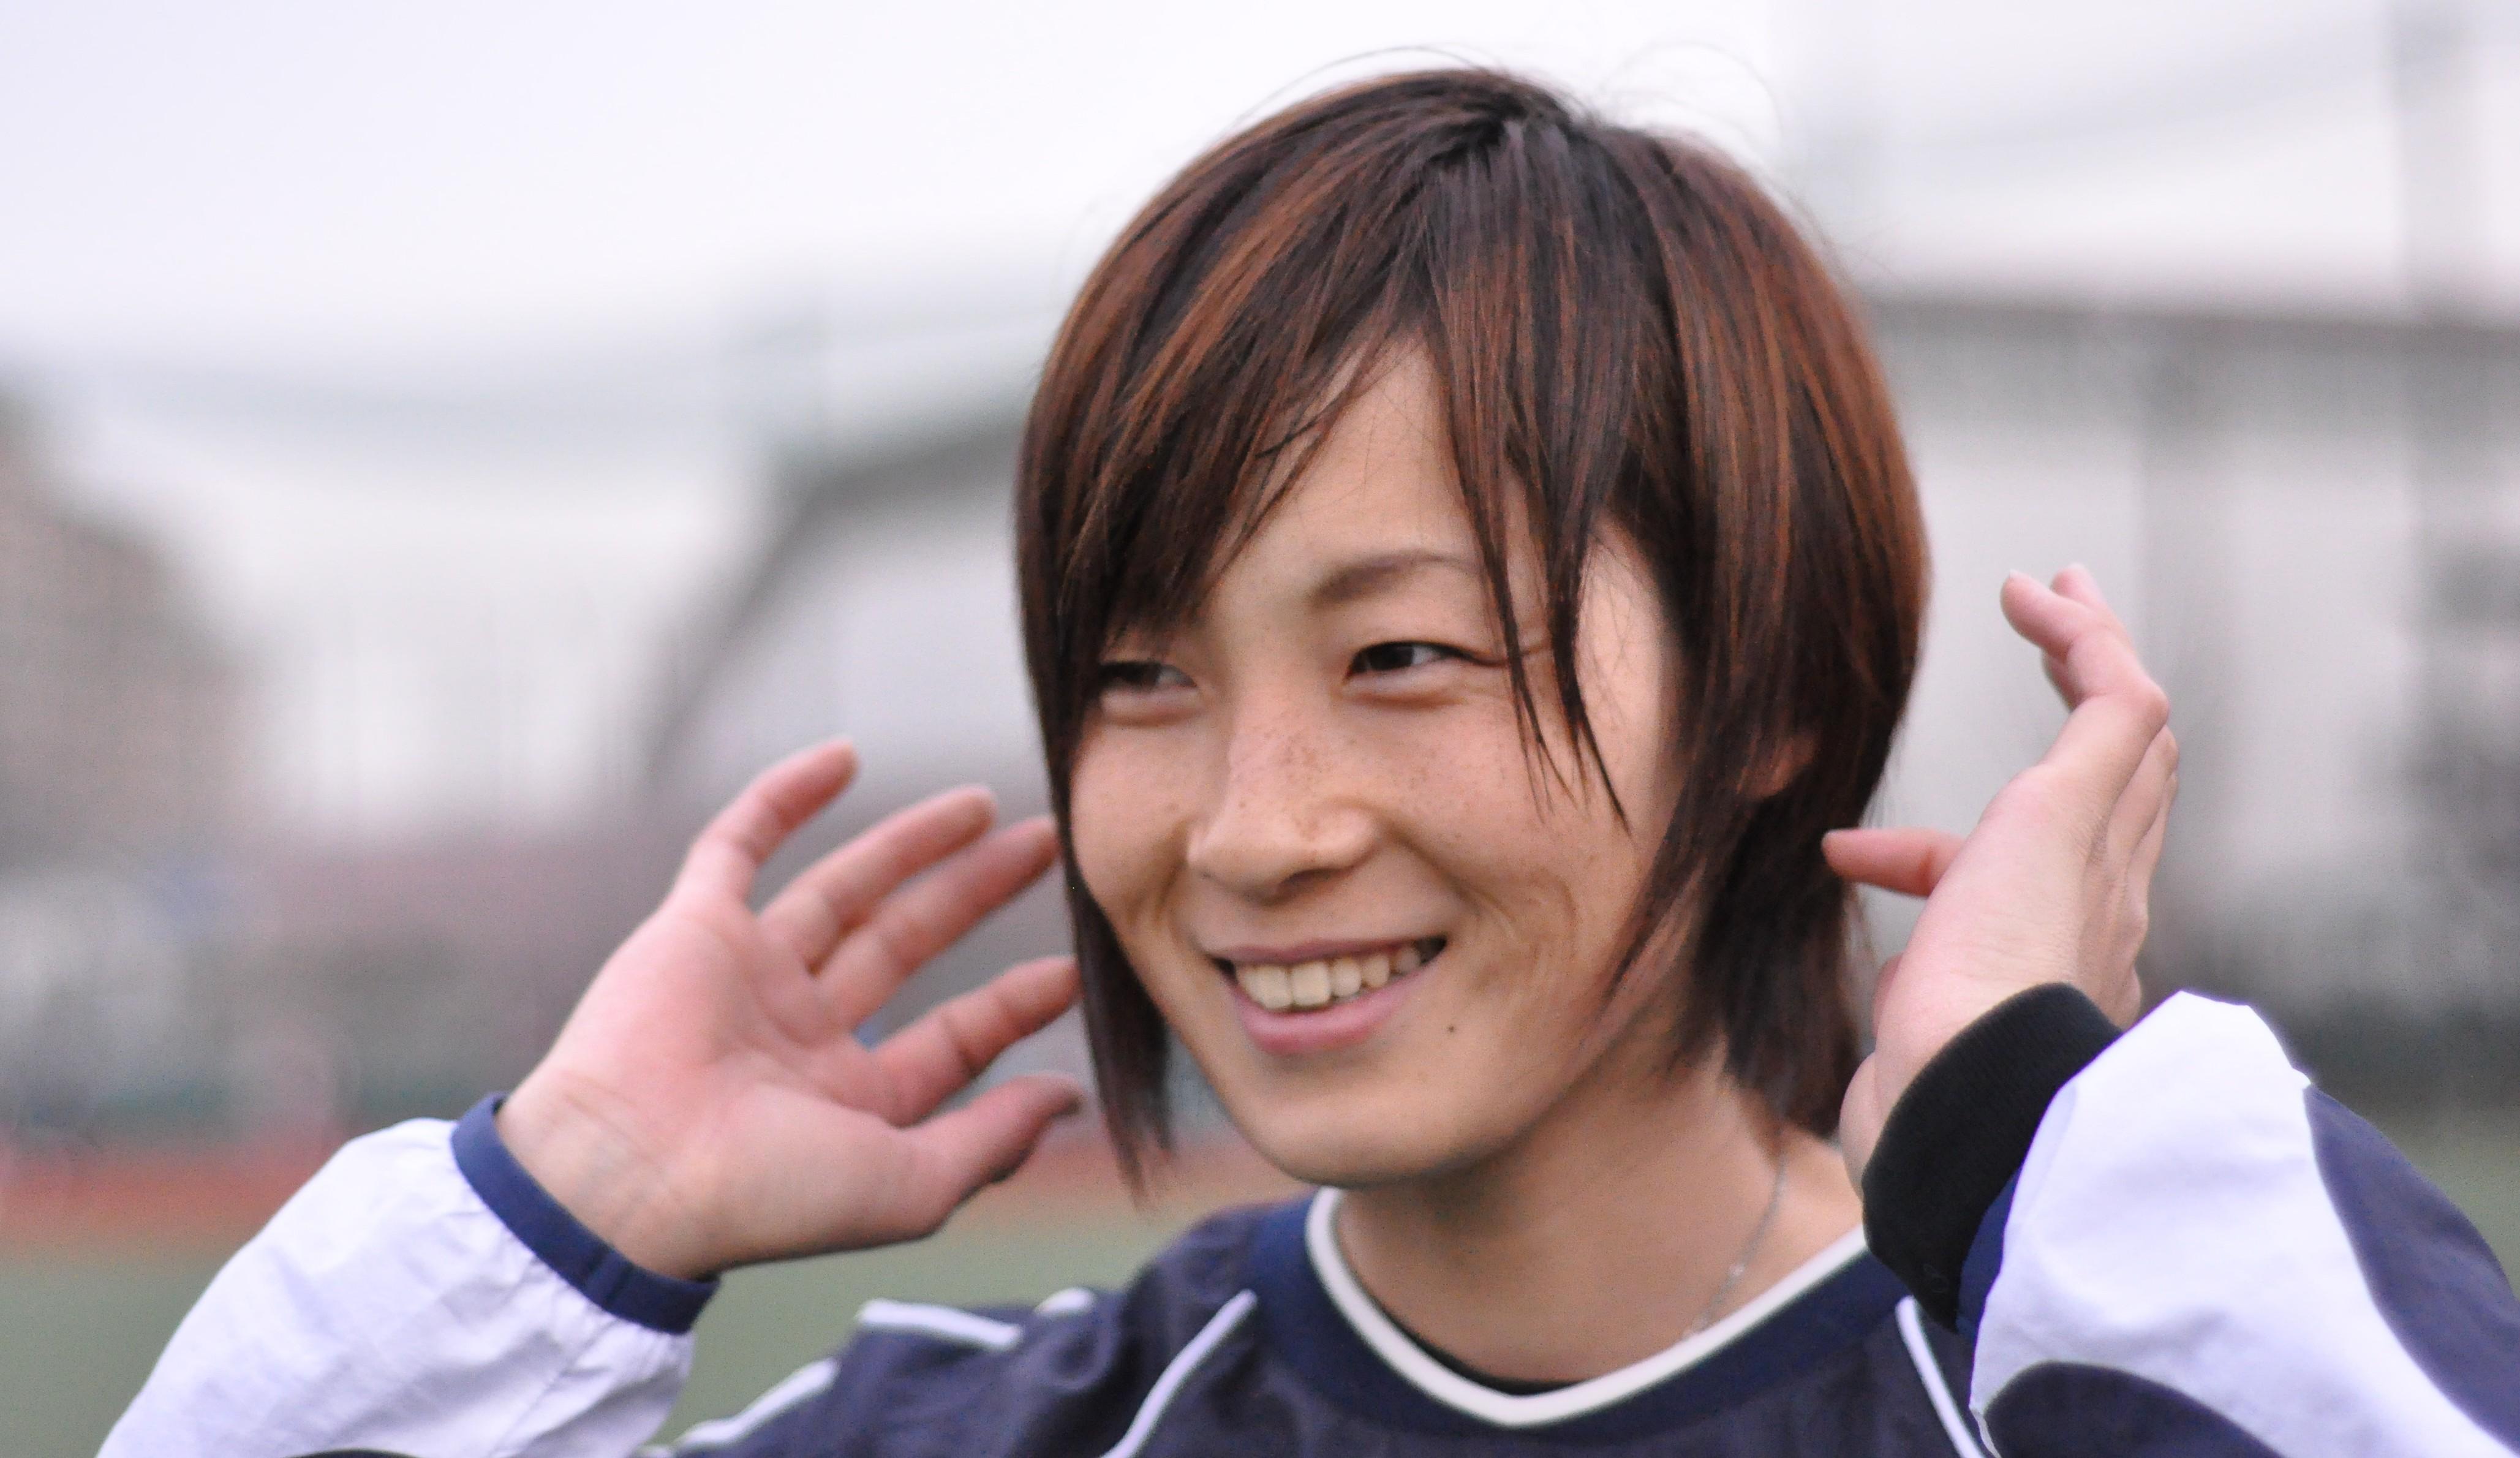 【ソフトボール】バッティングのコツ presented by佐藤 理恵